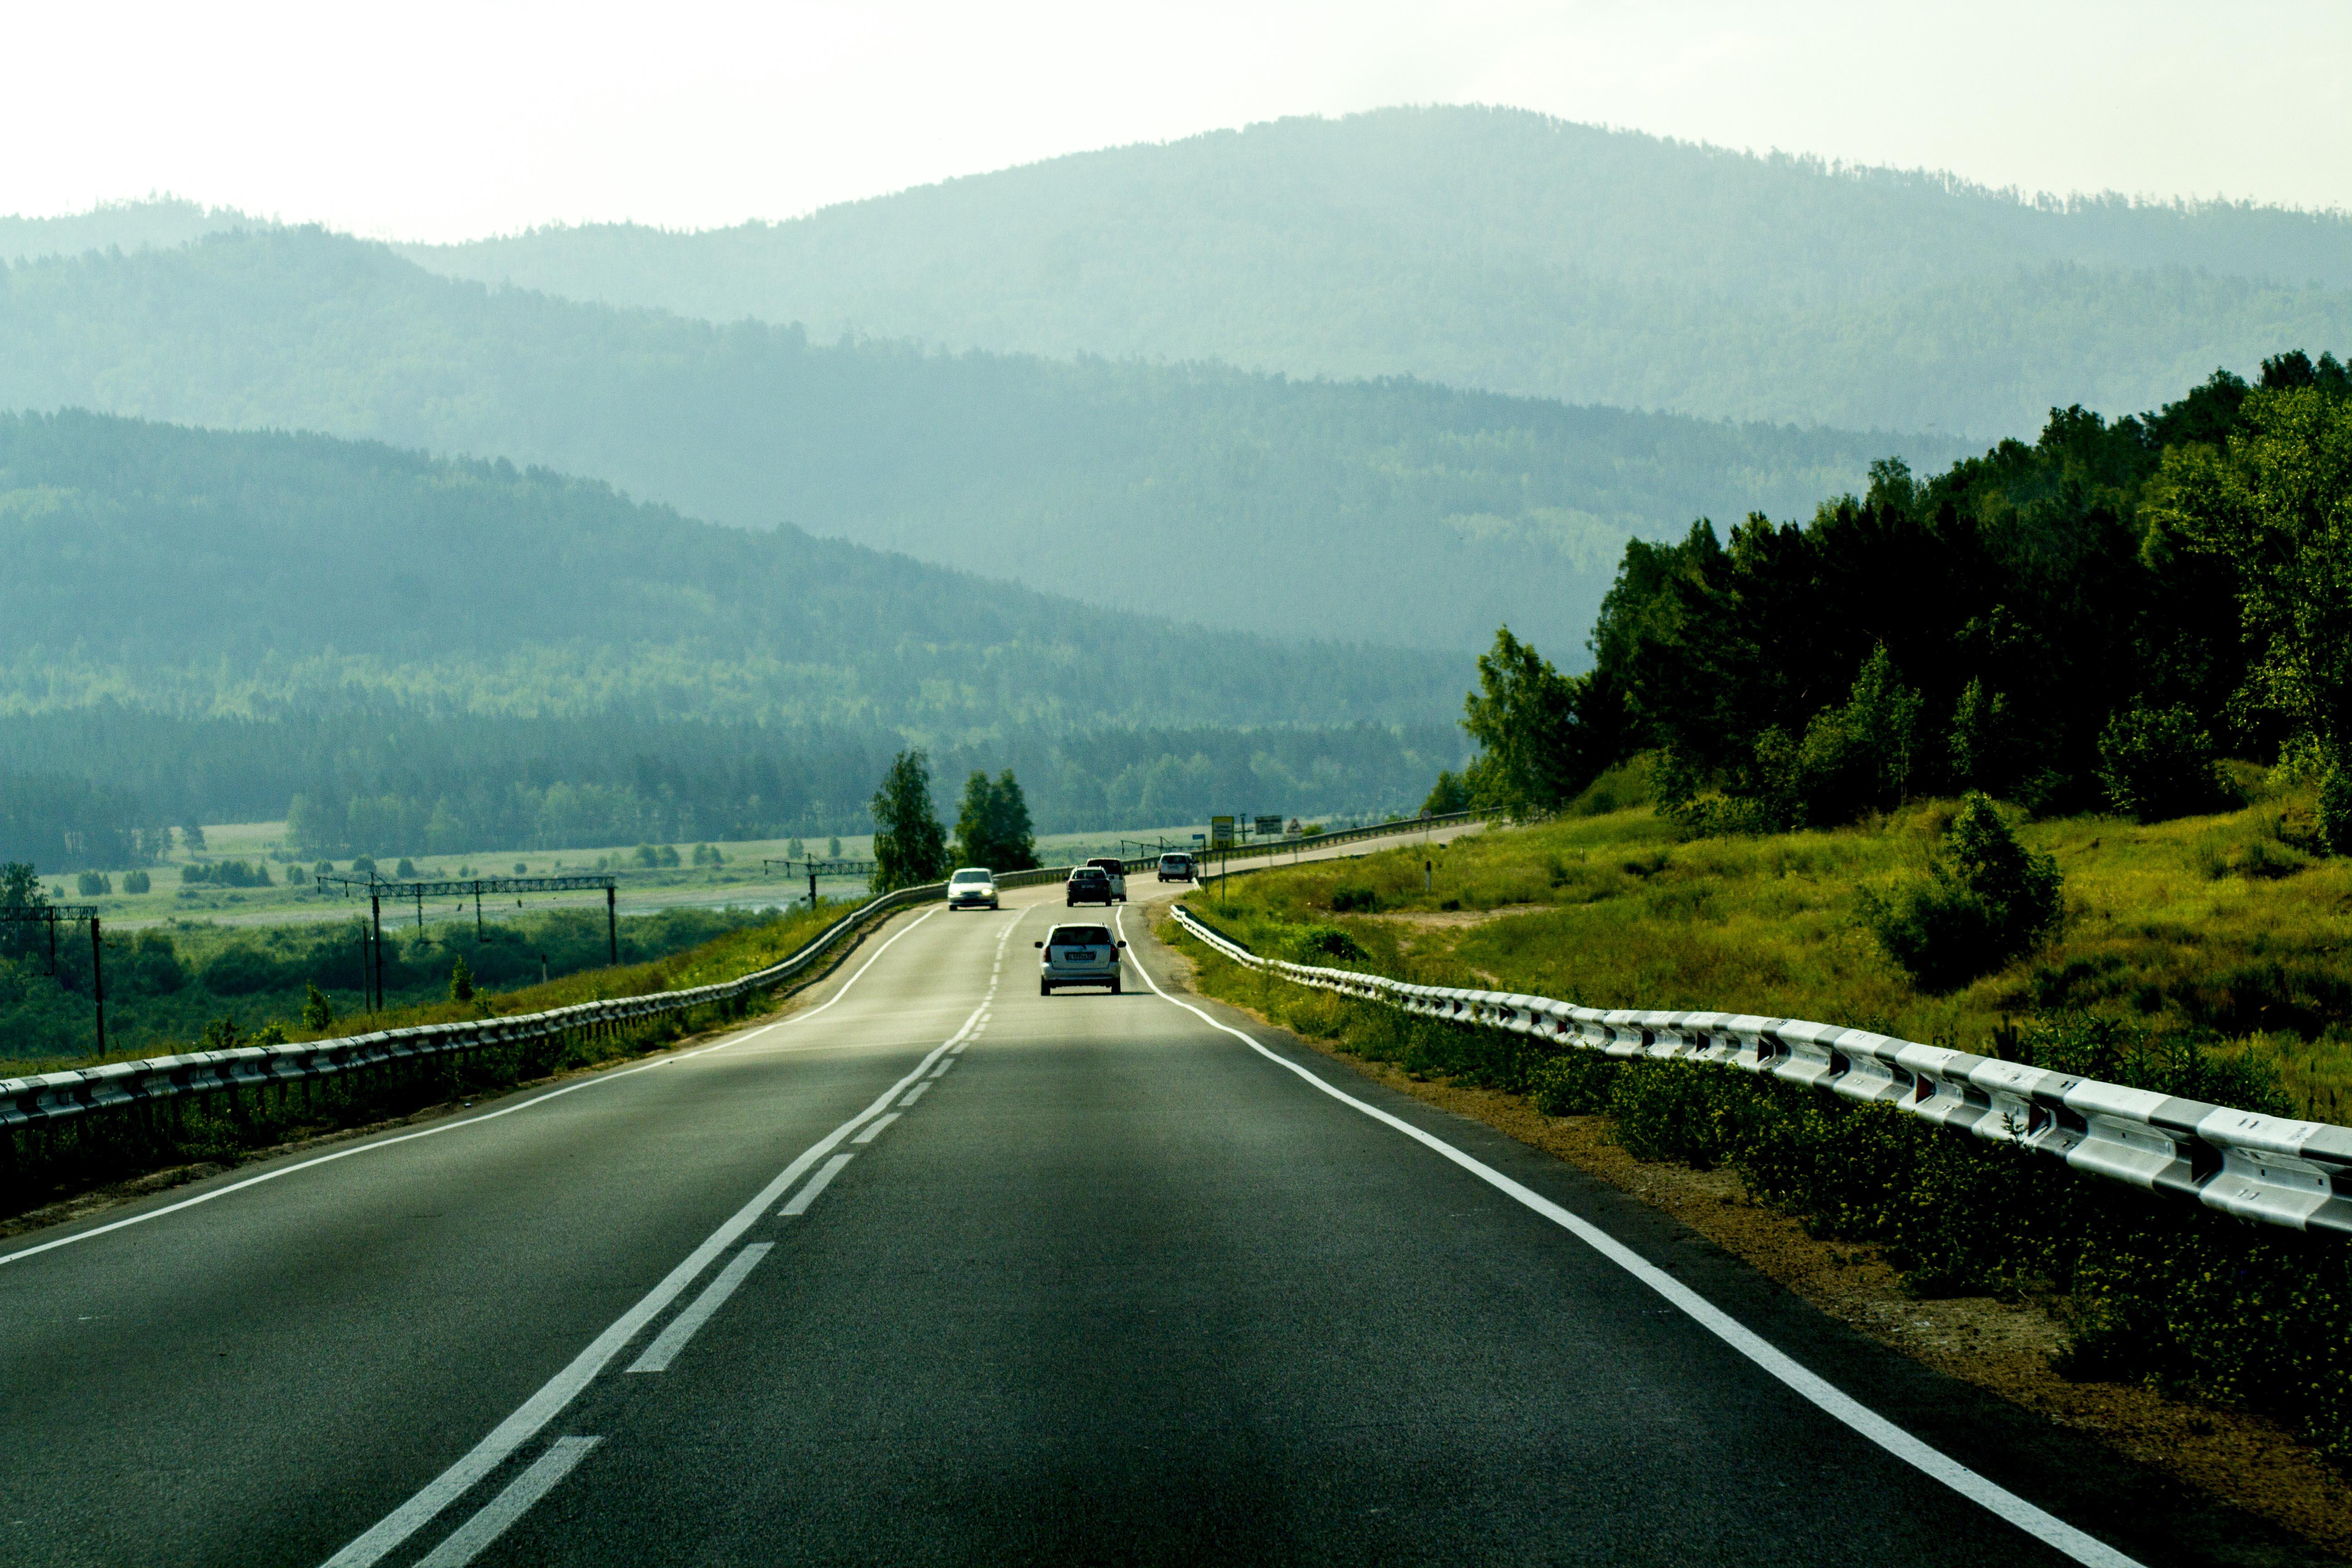 В путешествиях иногда дорога кажется бесконечной.